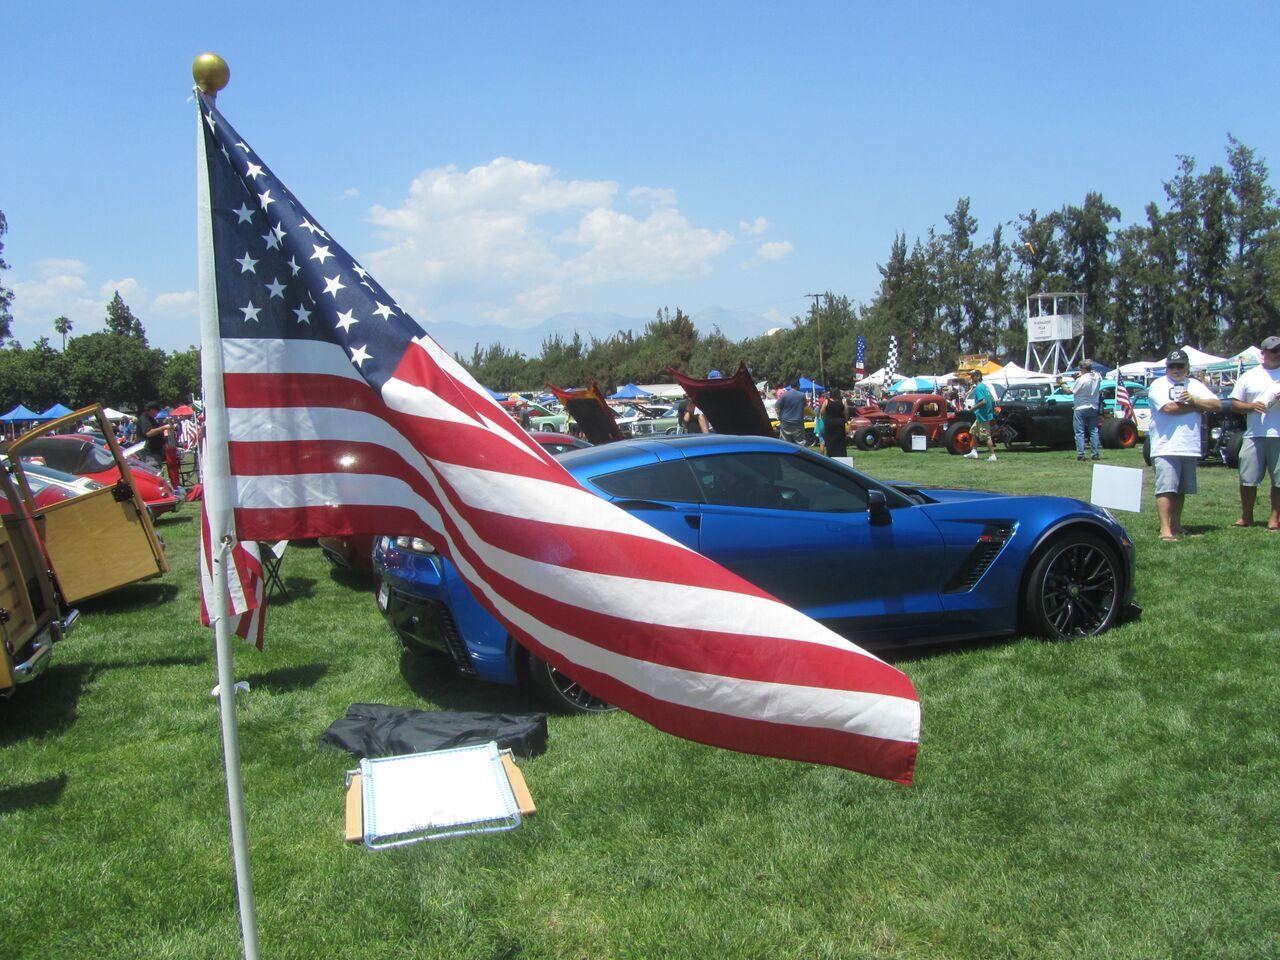 Steve McQueen Car Show - Chino hills car show